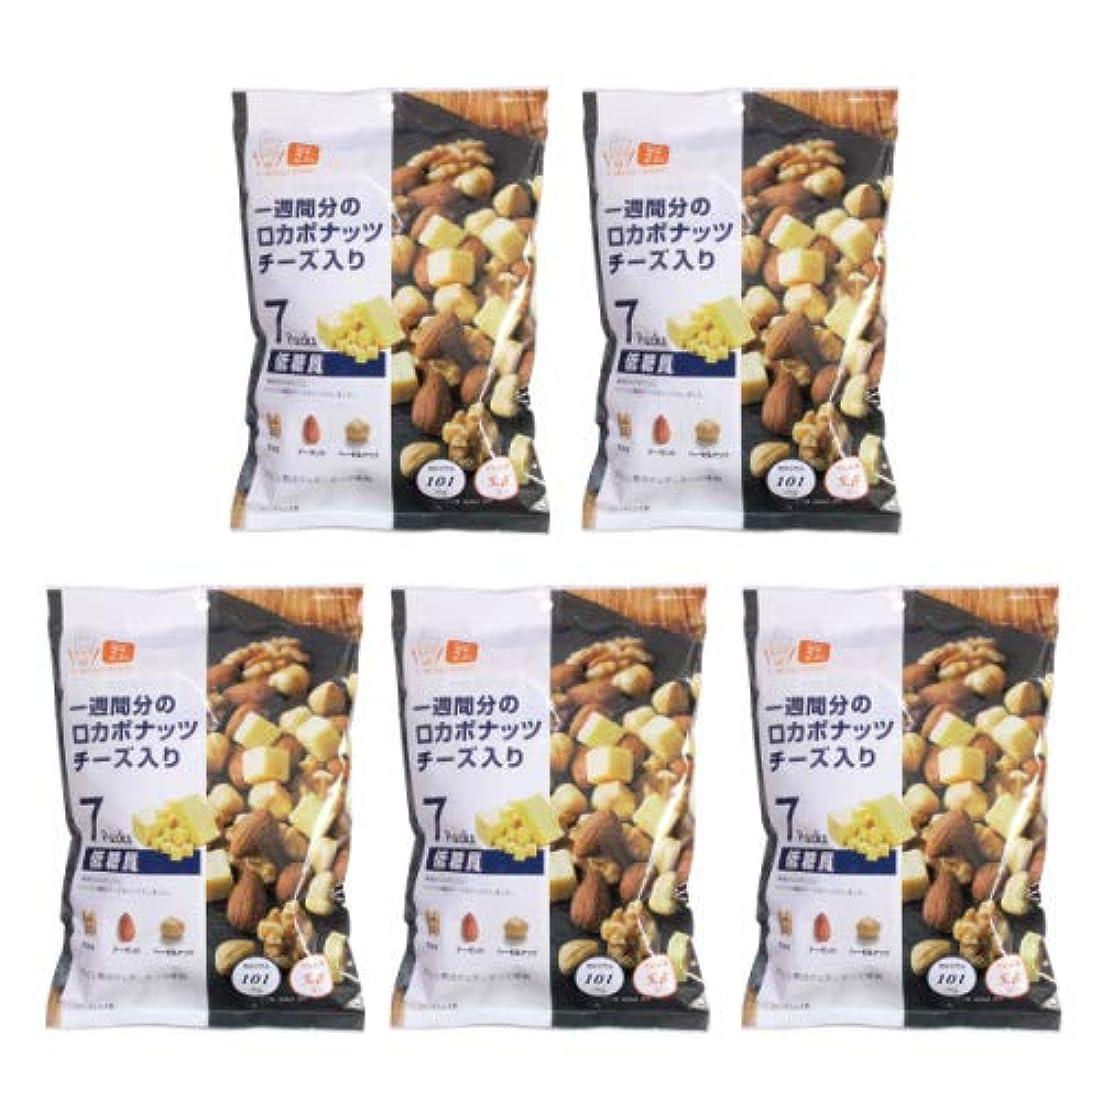 排他的クロールスカーフデルタ ロカボナッツ チーズ入り 23g×7袋入【5個セット】